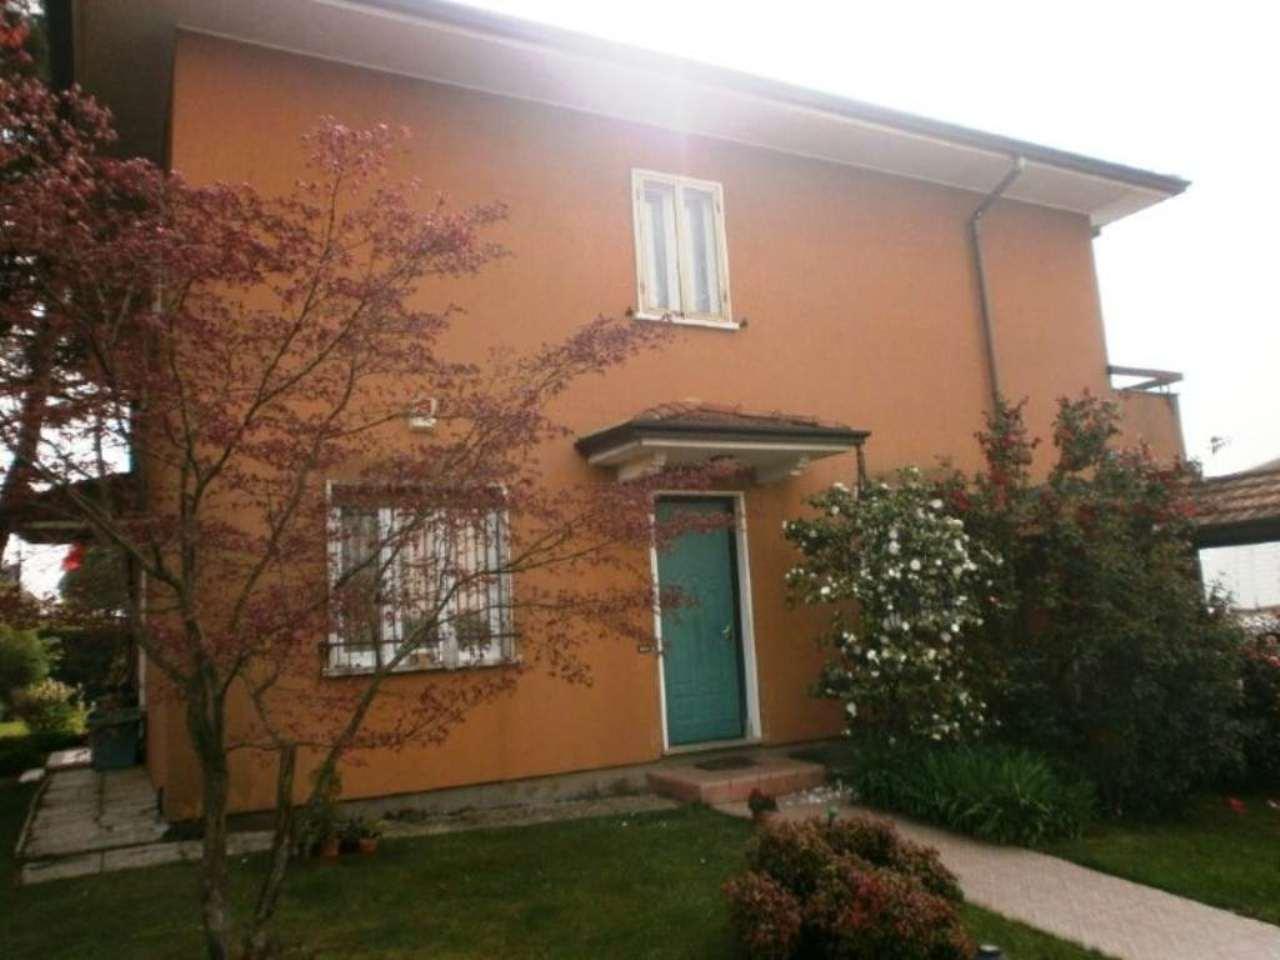 Villa in vendita a Carnago, 5 locali, prezzo € 318.000 | Cambio Casa.it